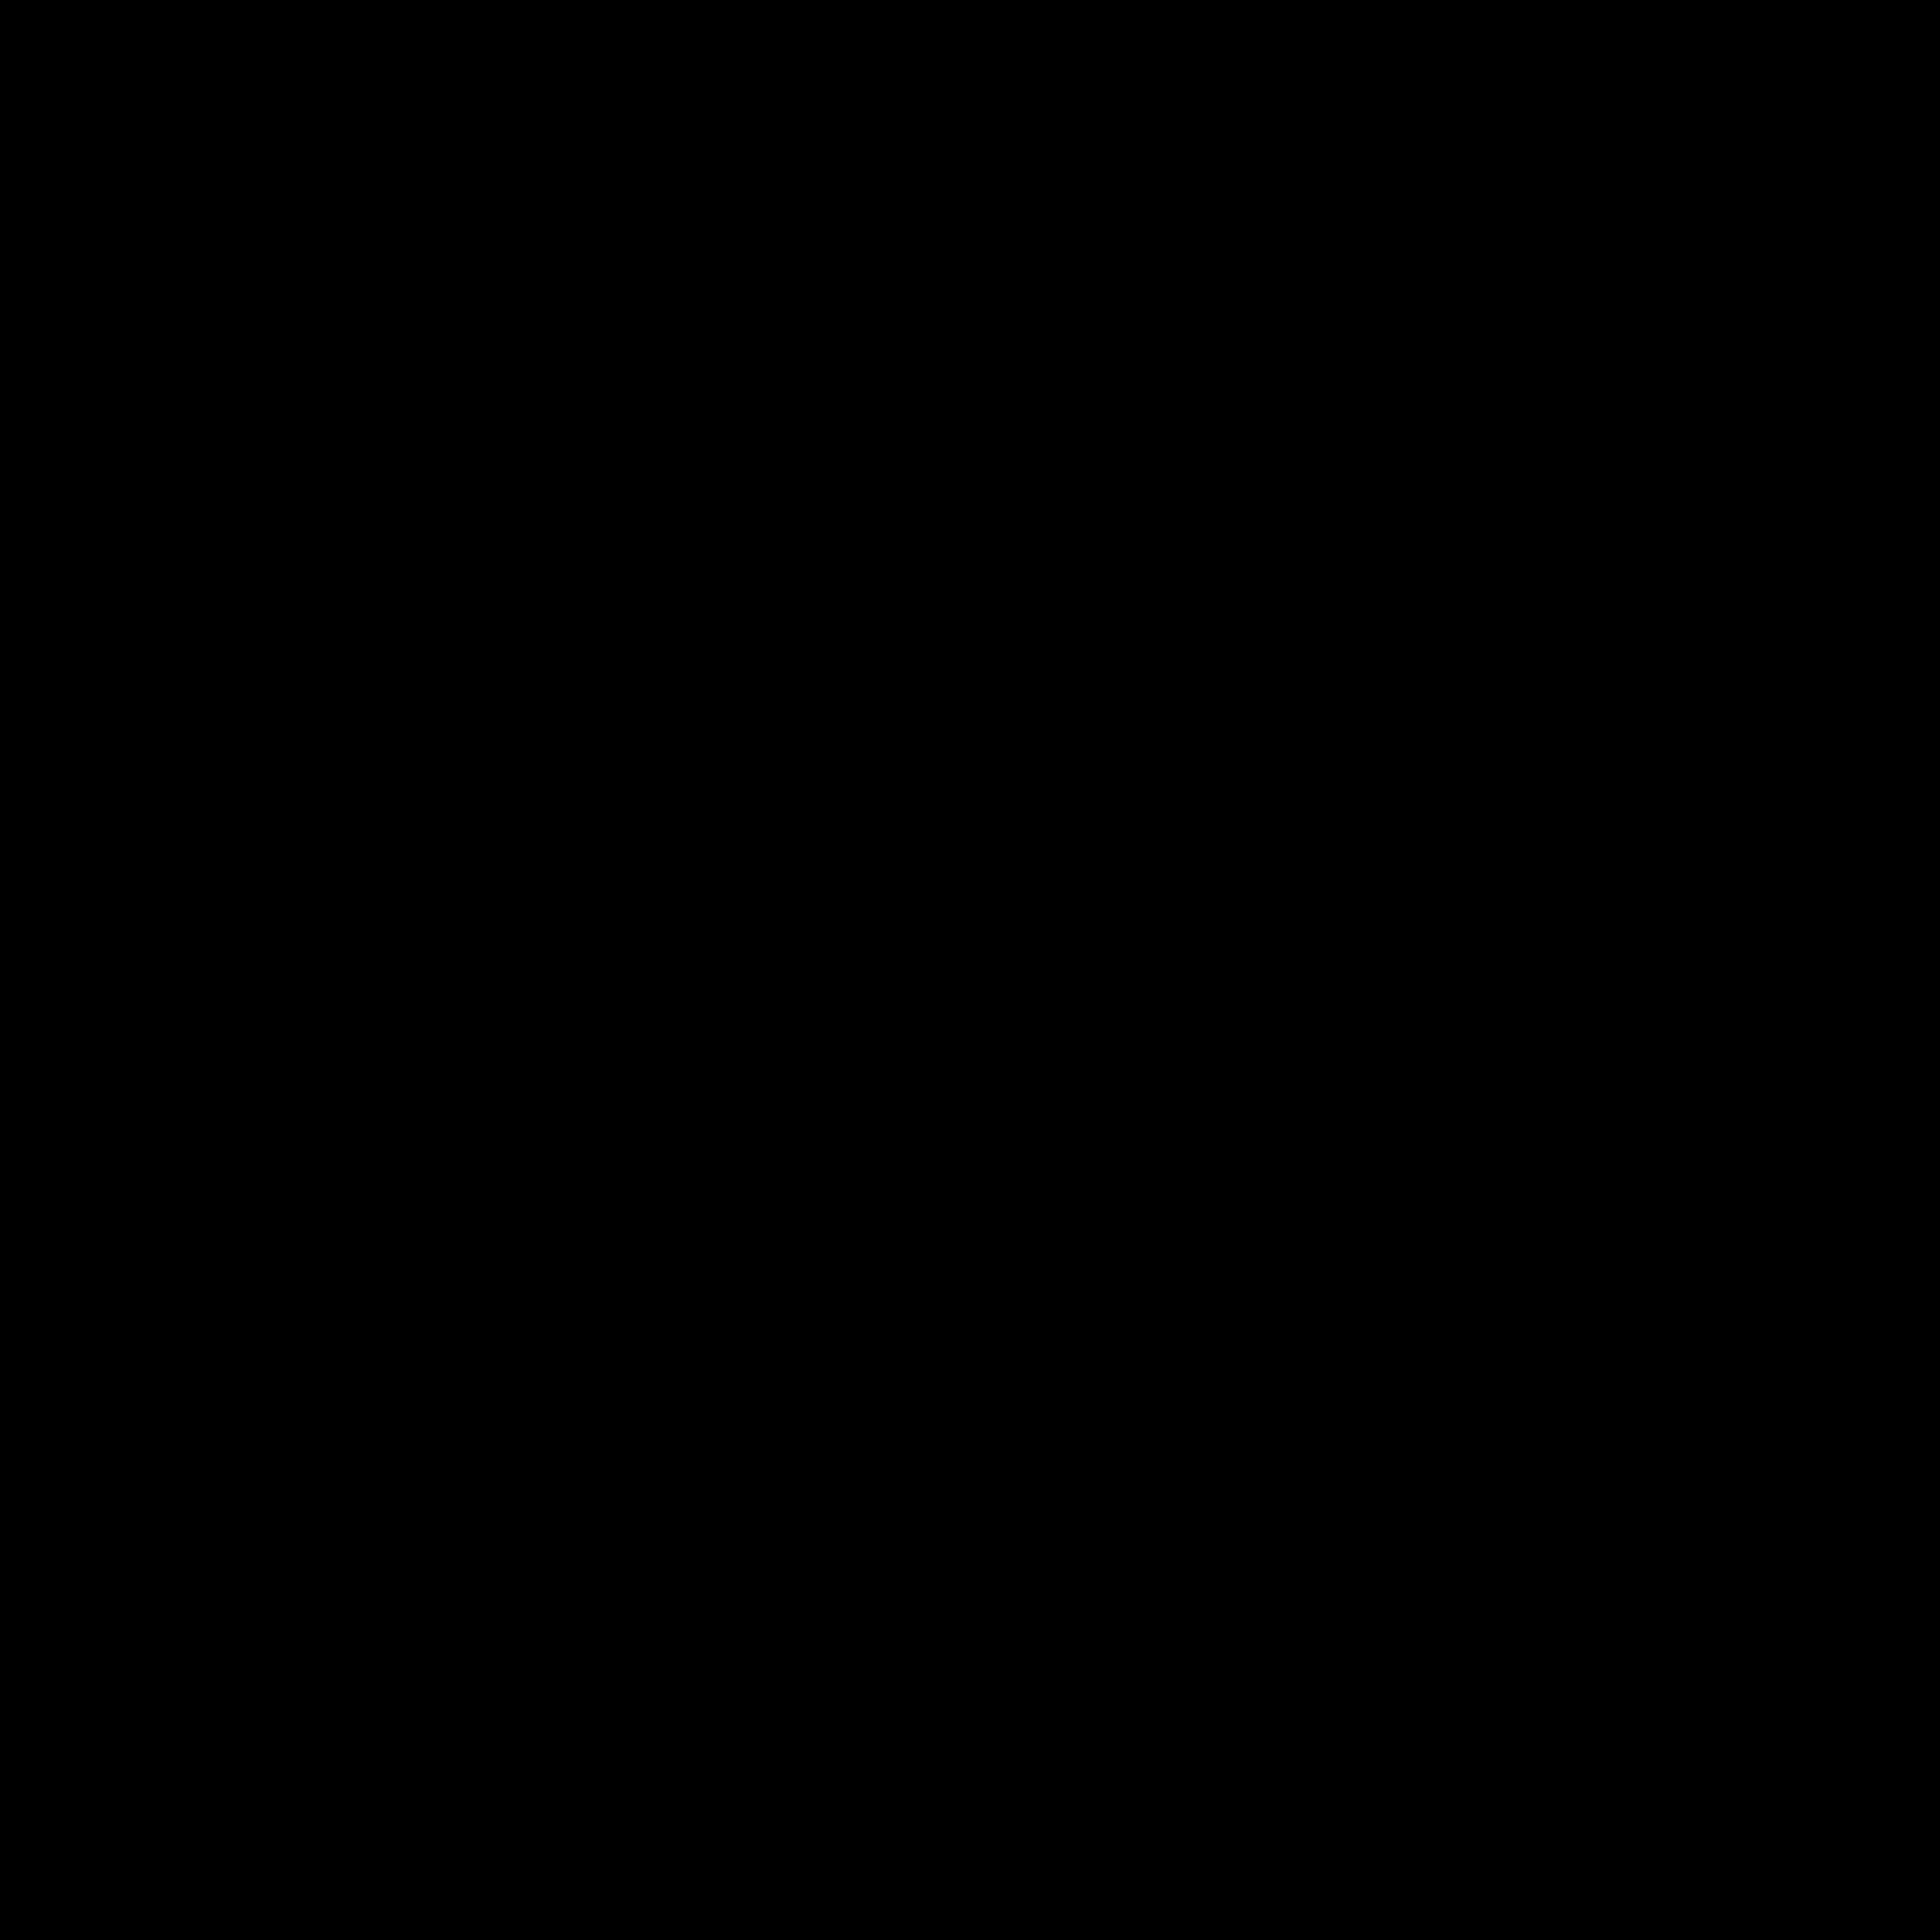 Niska-Day 38 a Success!